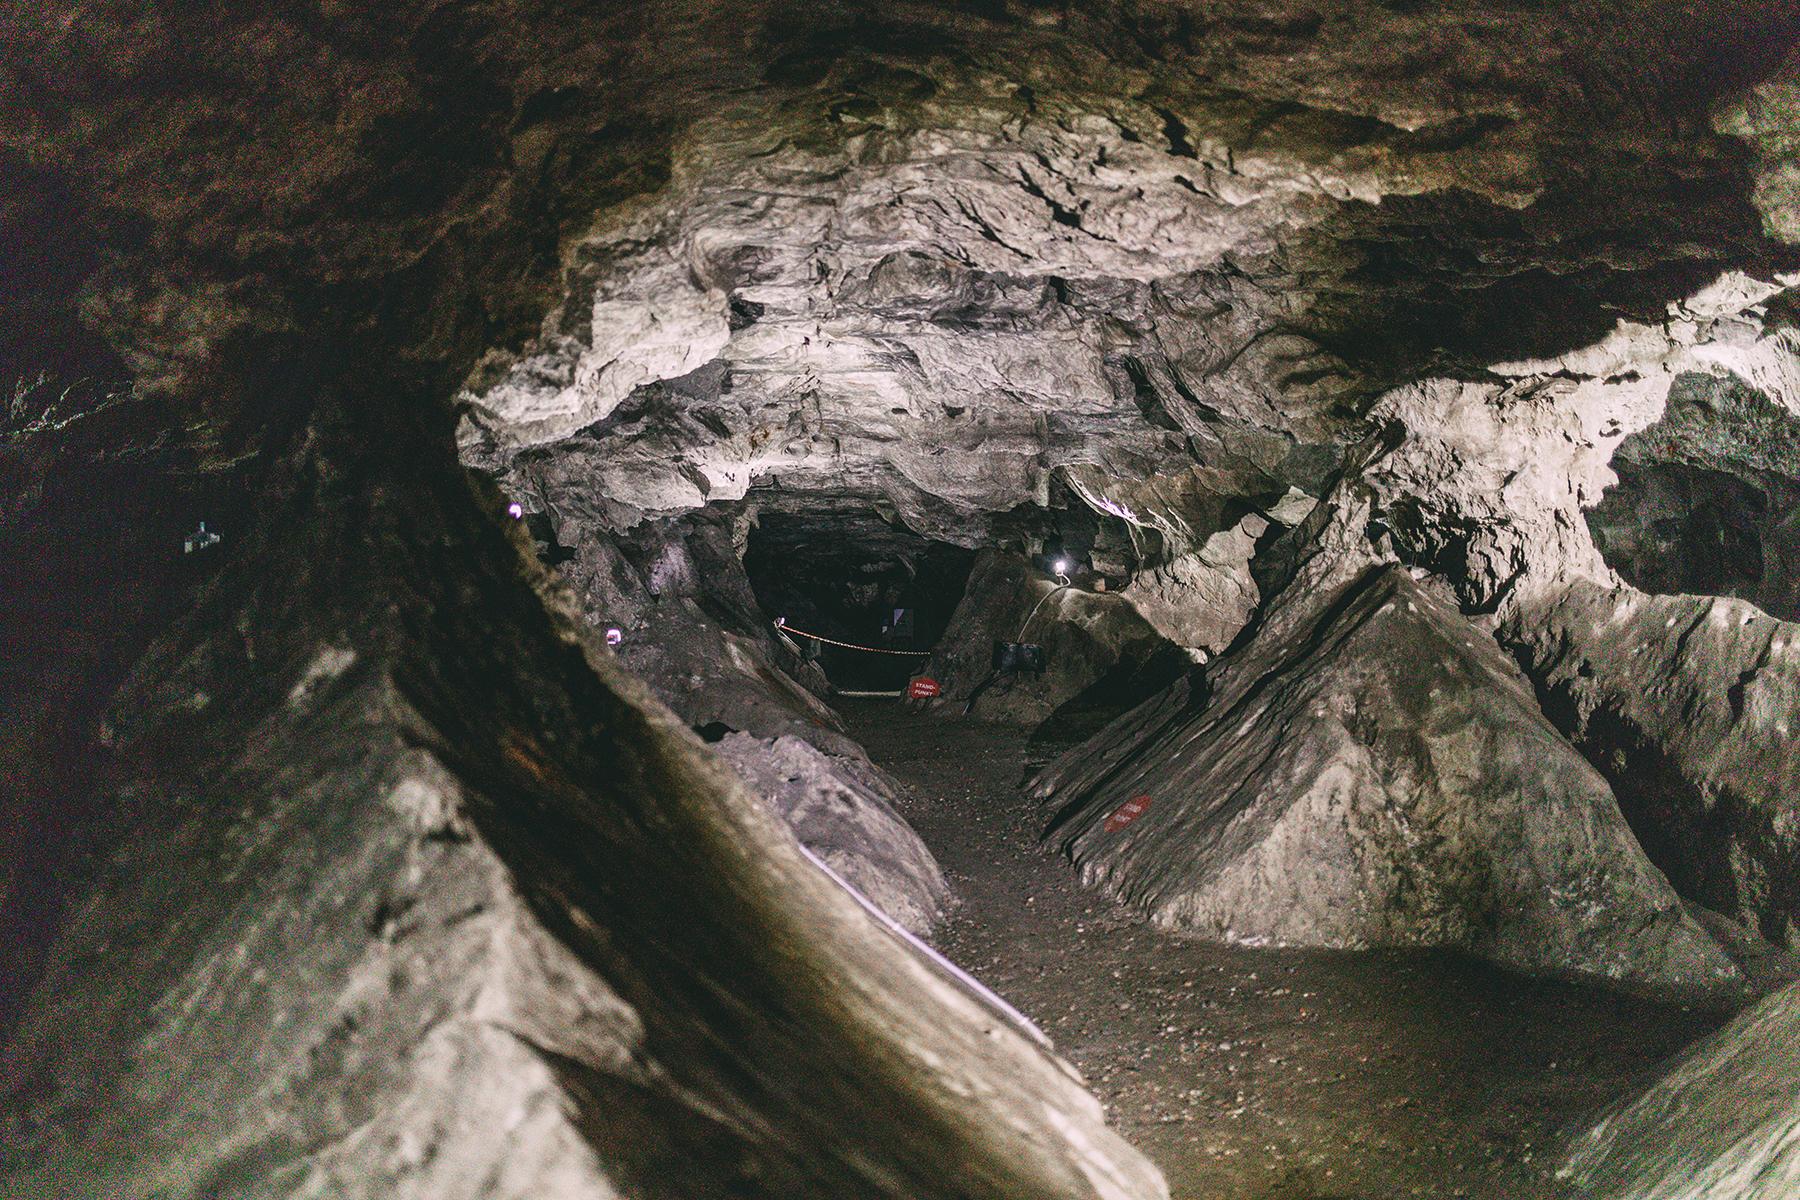 Höhlenführung Noctalis Bad Segeberg